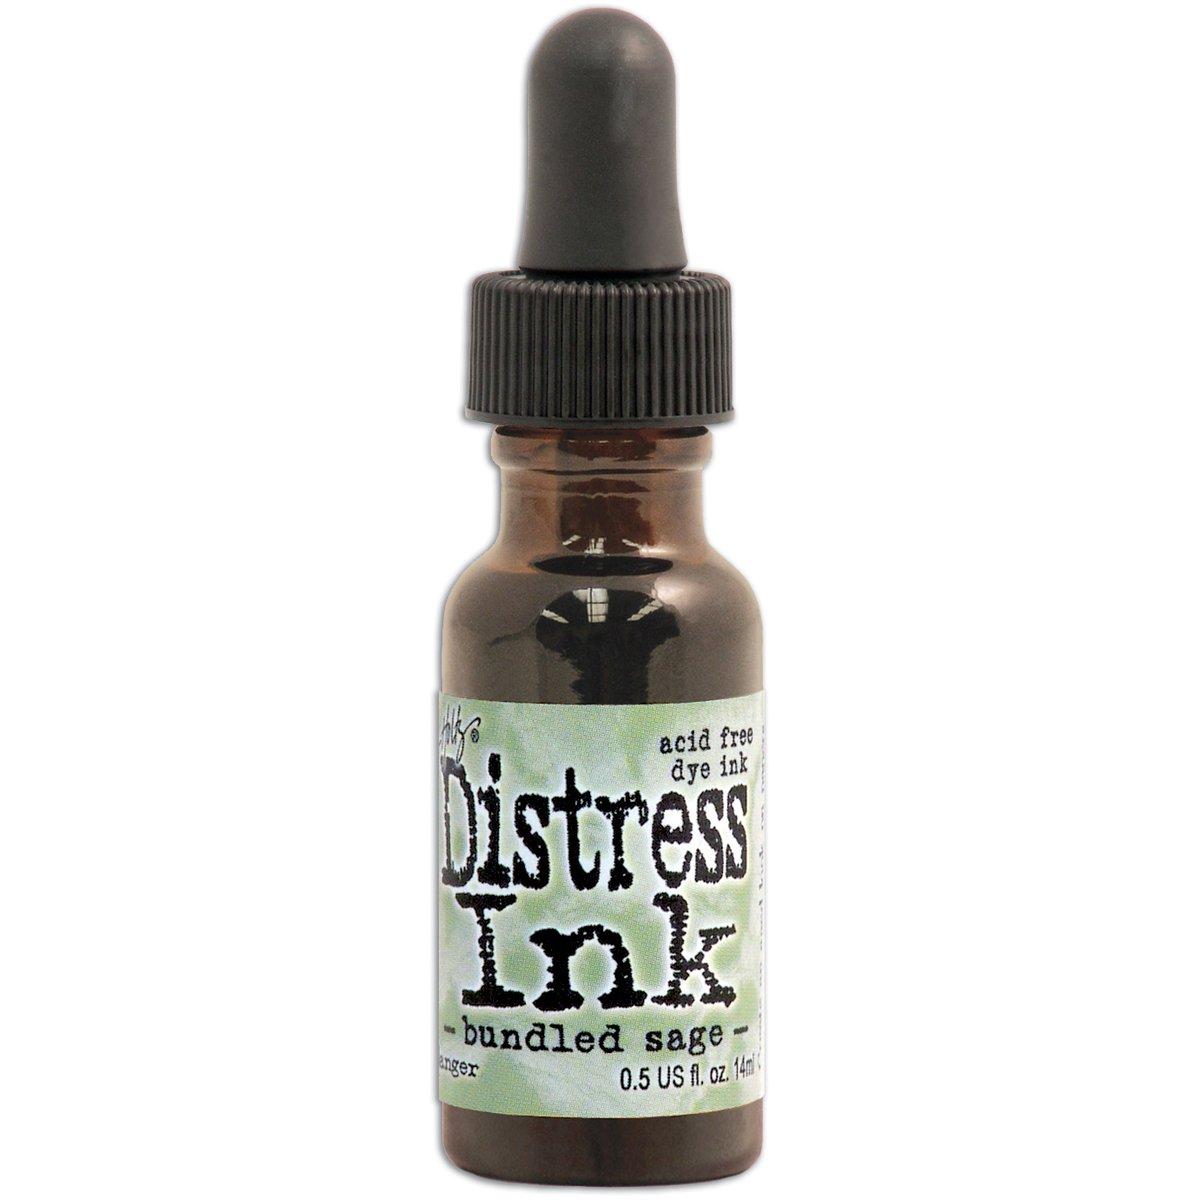 Tim Holtz Distress Ink Reinker 5 oncia-impacchettato salvia   Más información y revisión del cliente